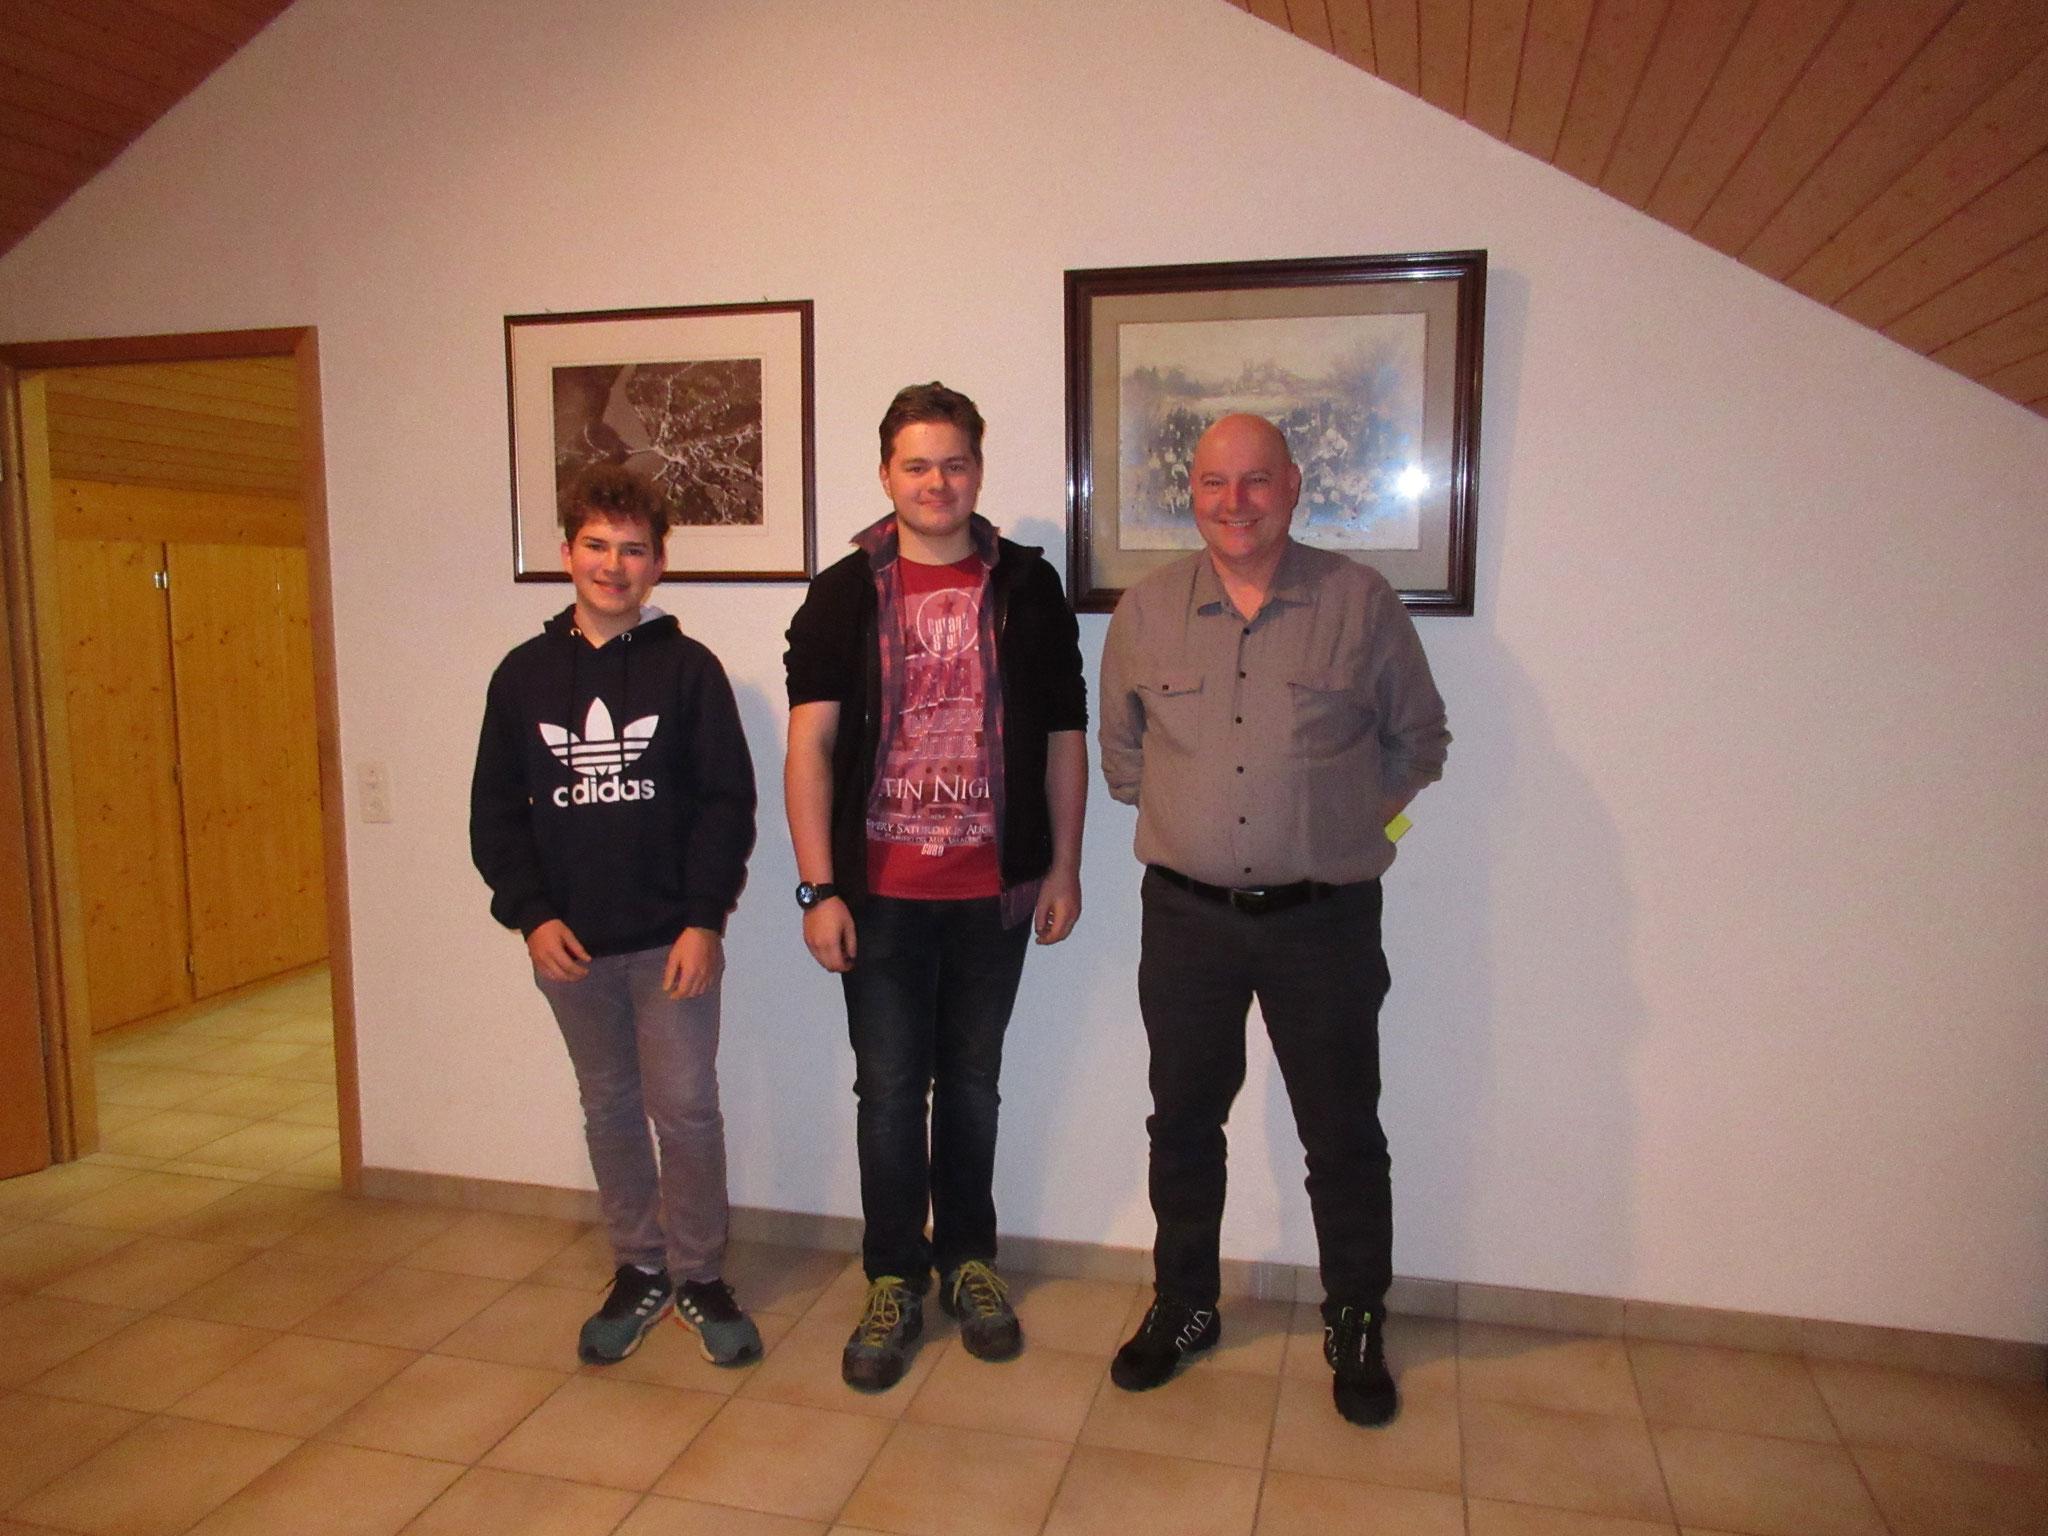 Die neu in in den Verein aufgenommenen Kameraden: Fabian Leuzinger, Eric Zieri und Heinz Roos.